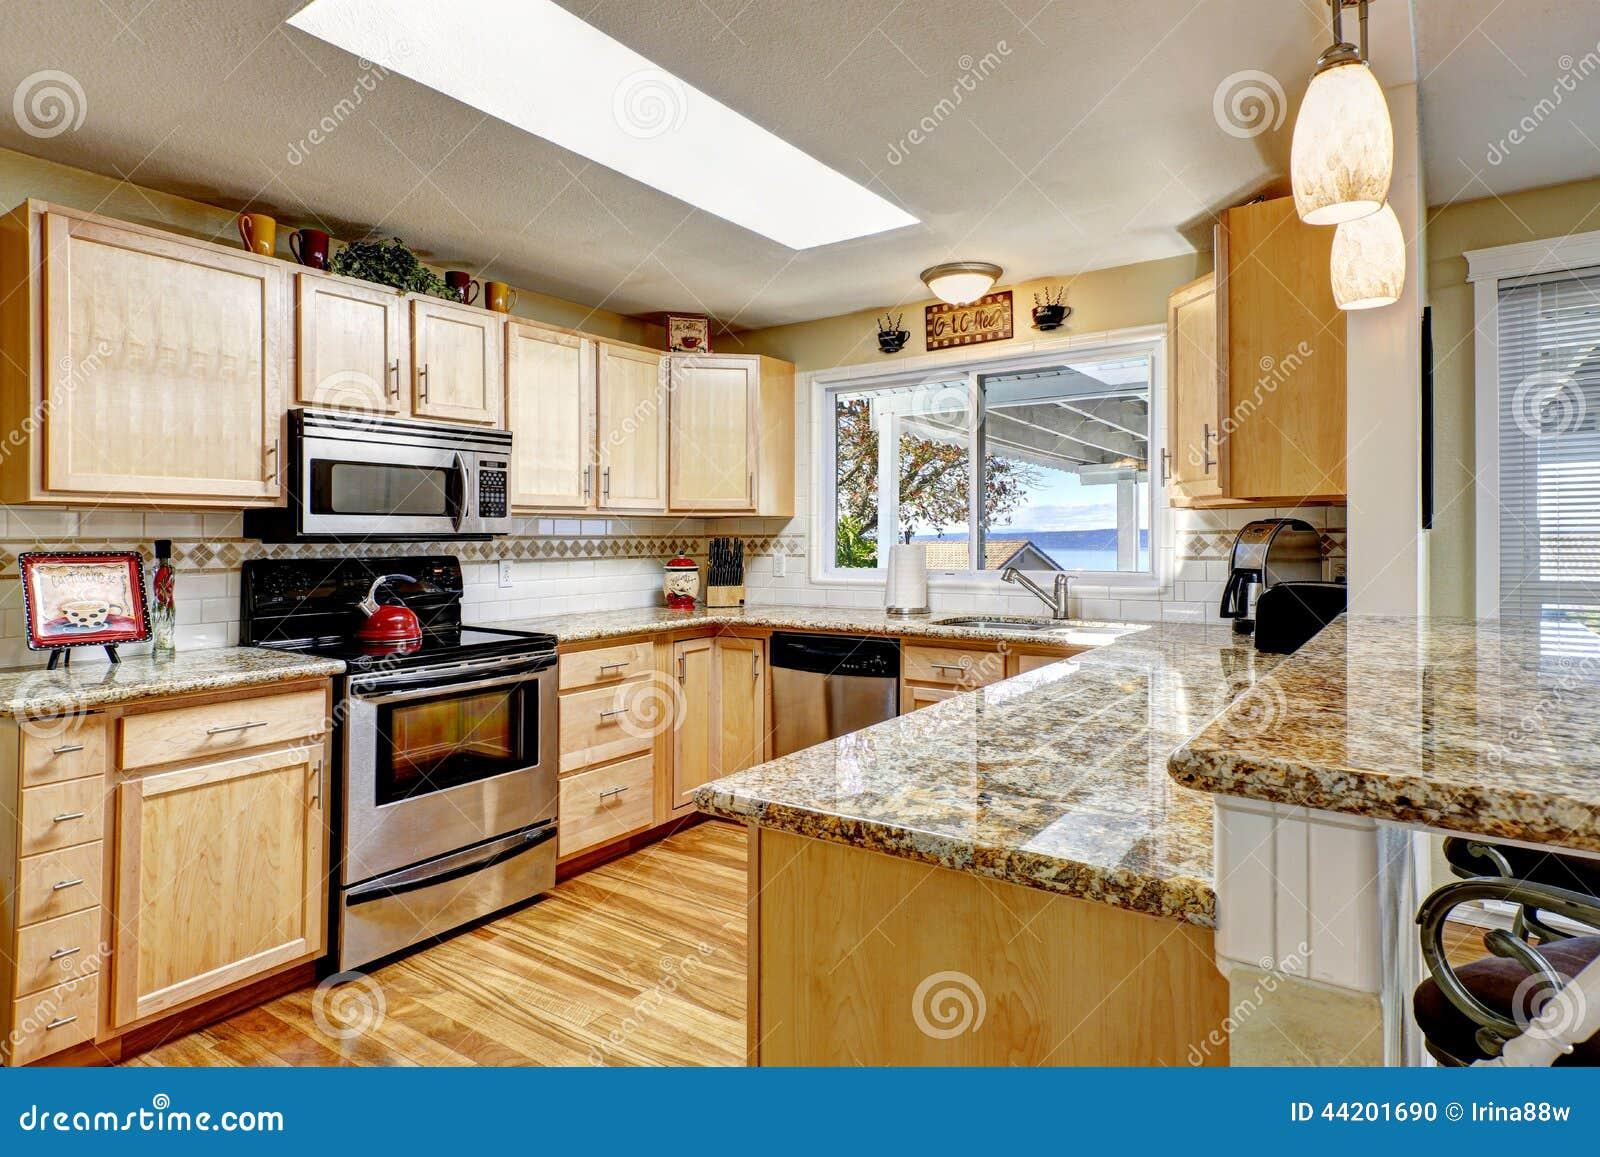 Keuken Met Dakraam : Heldere keuken met granietbovenkanten en dakraam stock foto